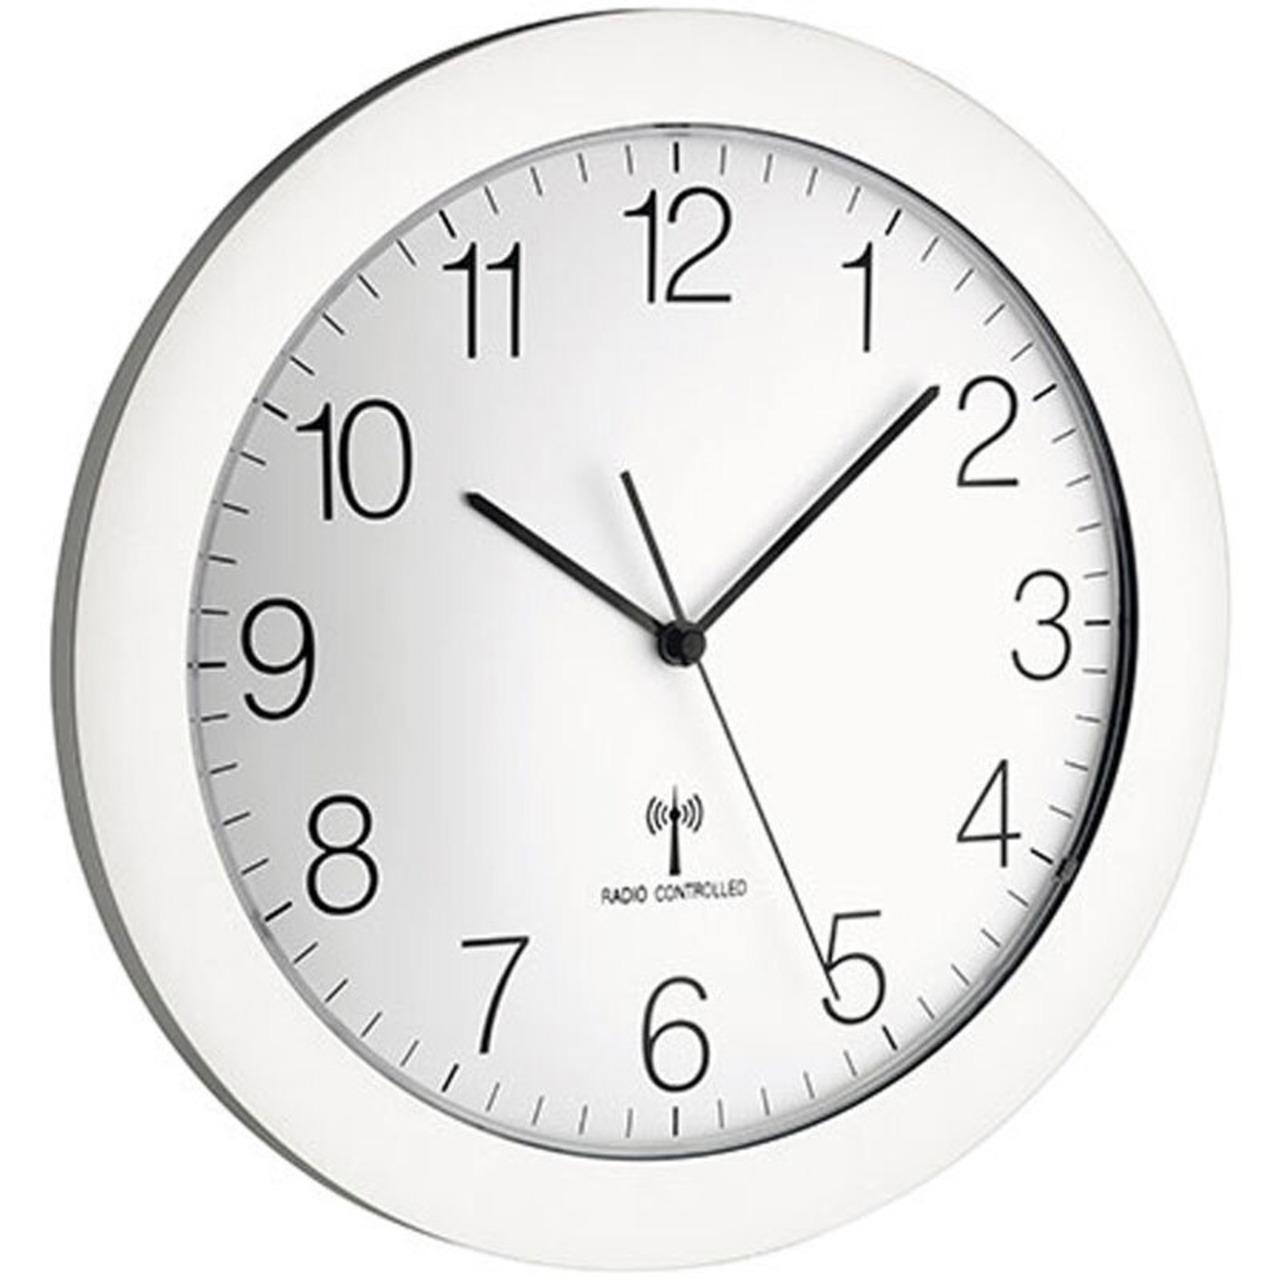 Design-Funk-Wanduhr mit geräuscharmen Sweep-Uhrwerk- - 30-2 cm